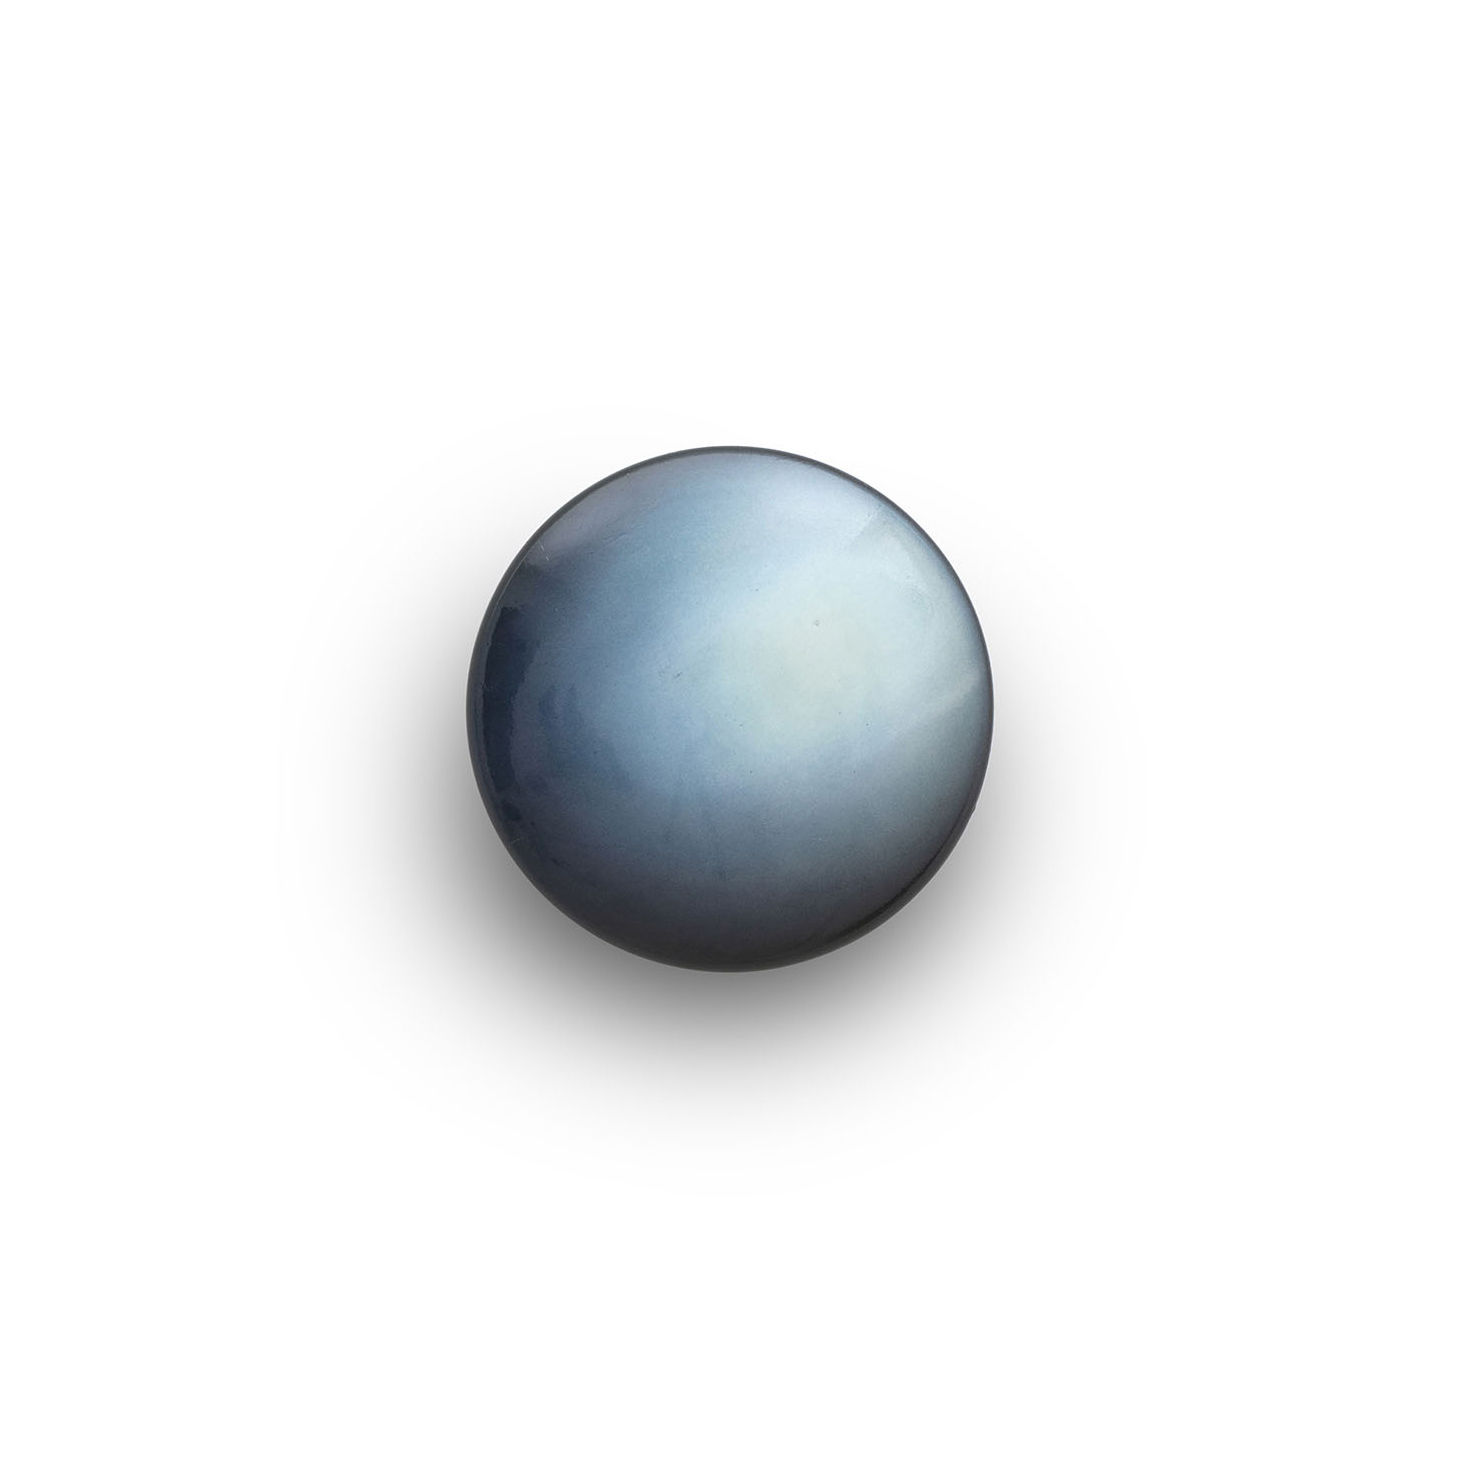 Furniture - Coat Racks & Pegs - Cosmic Diner - Uranus Hook - / ø 13 cm by Diesel living with Seletti - Uranus - Wood